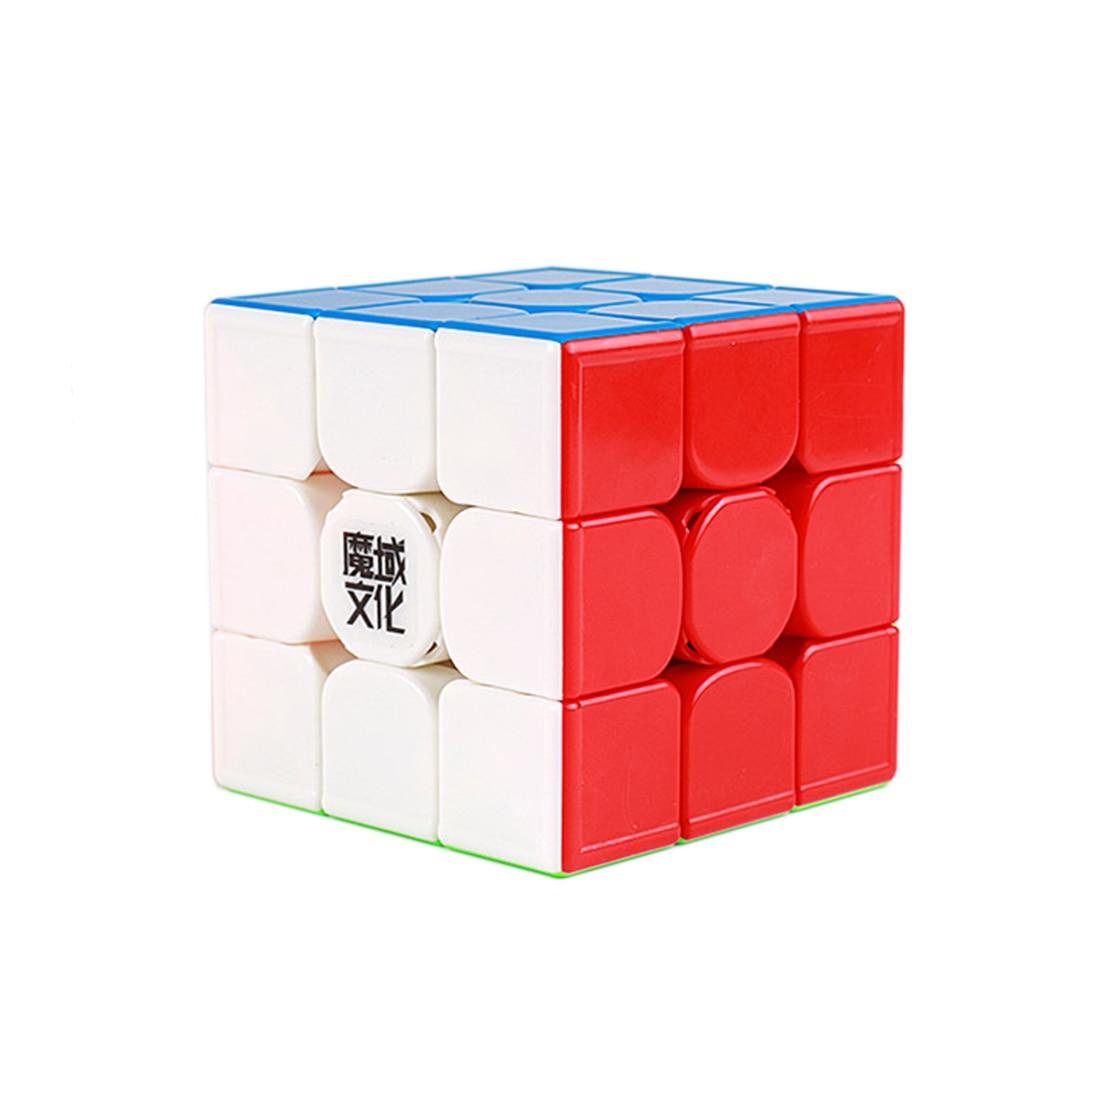 YJ8261 Moyu WeiLong GTS3 LM Version magnétique faible 3x3 Cube magique jouets éducatifs pour l'entraînement du cerveau-coloré